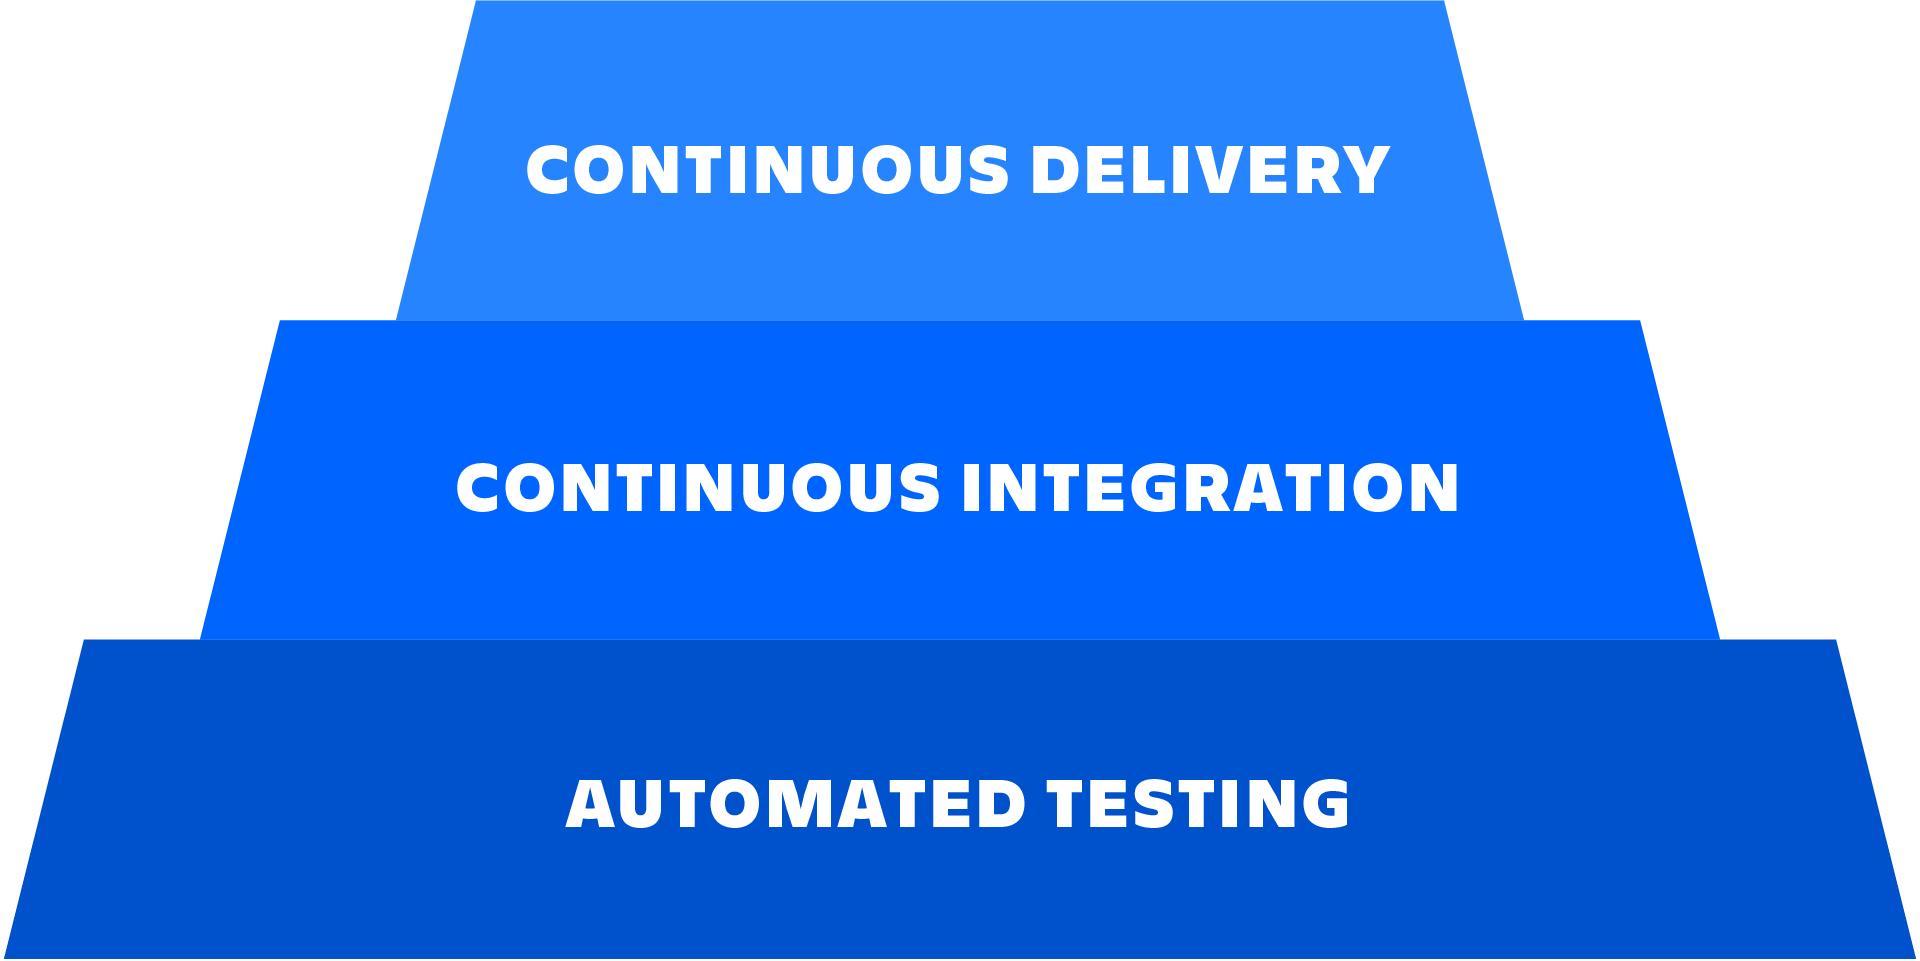 Un diagrama en el que se describe la relación entre las pruebas automatizadas, la integración continua y la entrega continua.